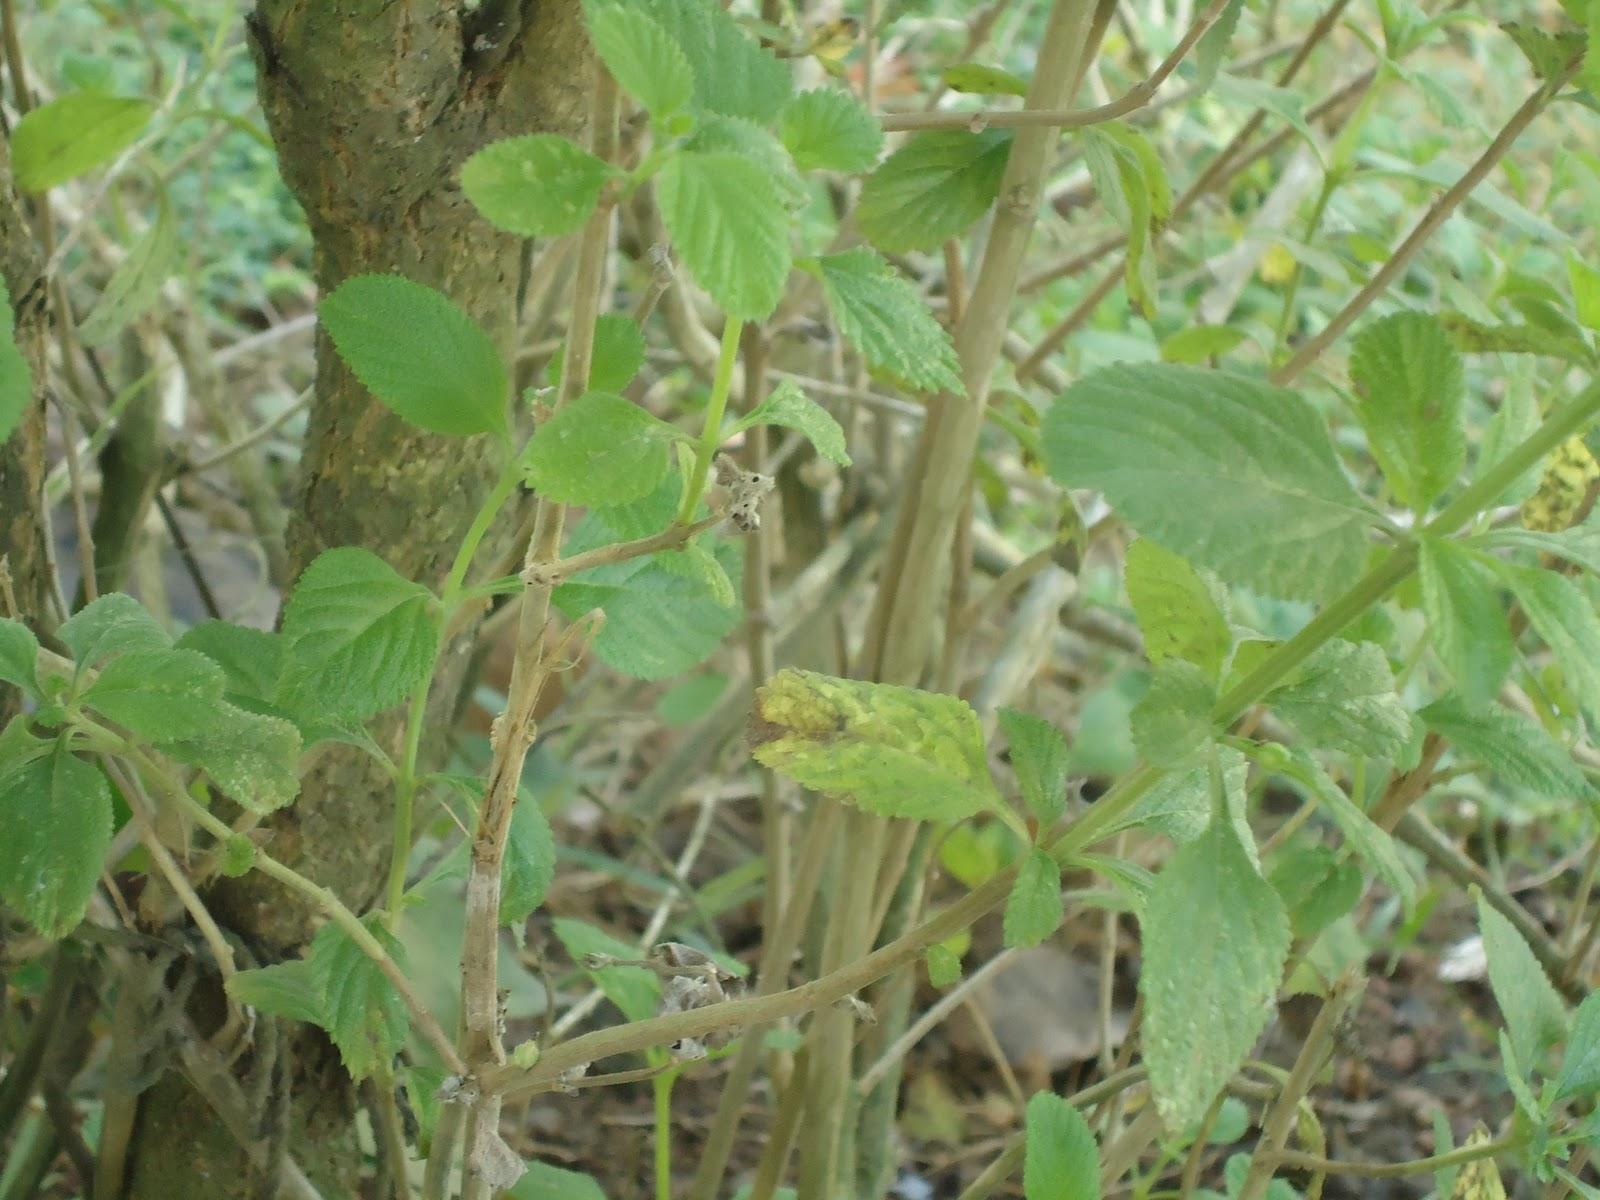 Orozuz planta benefactora for Planta decorativa propiedades medicinales